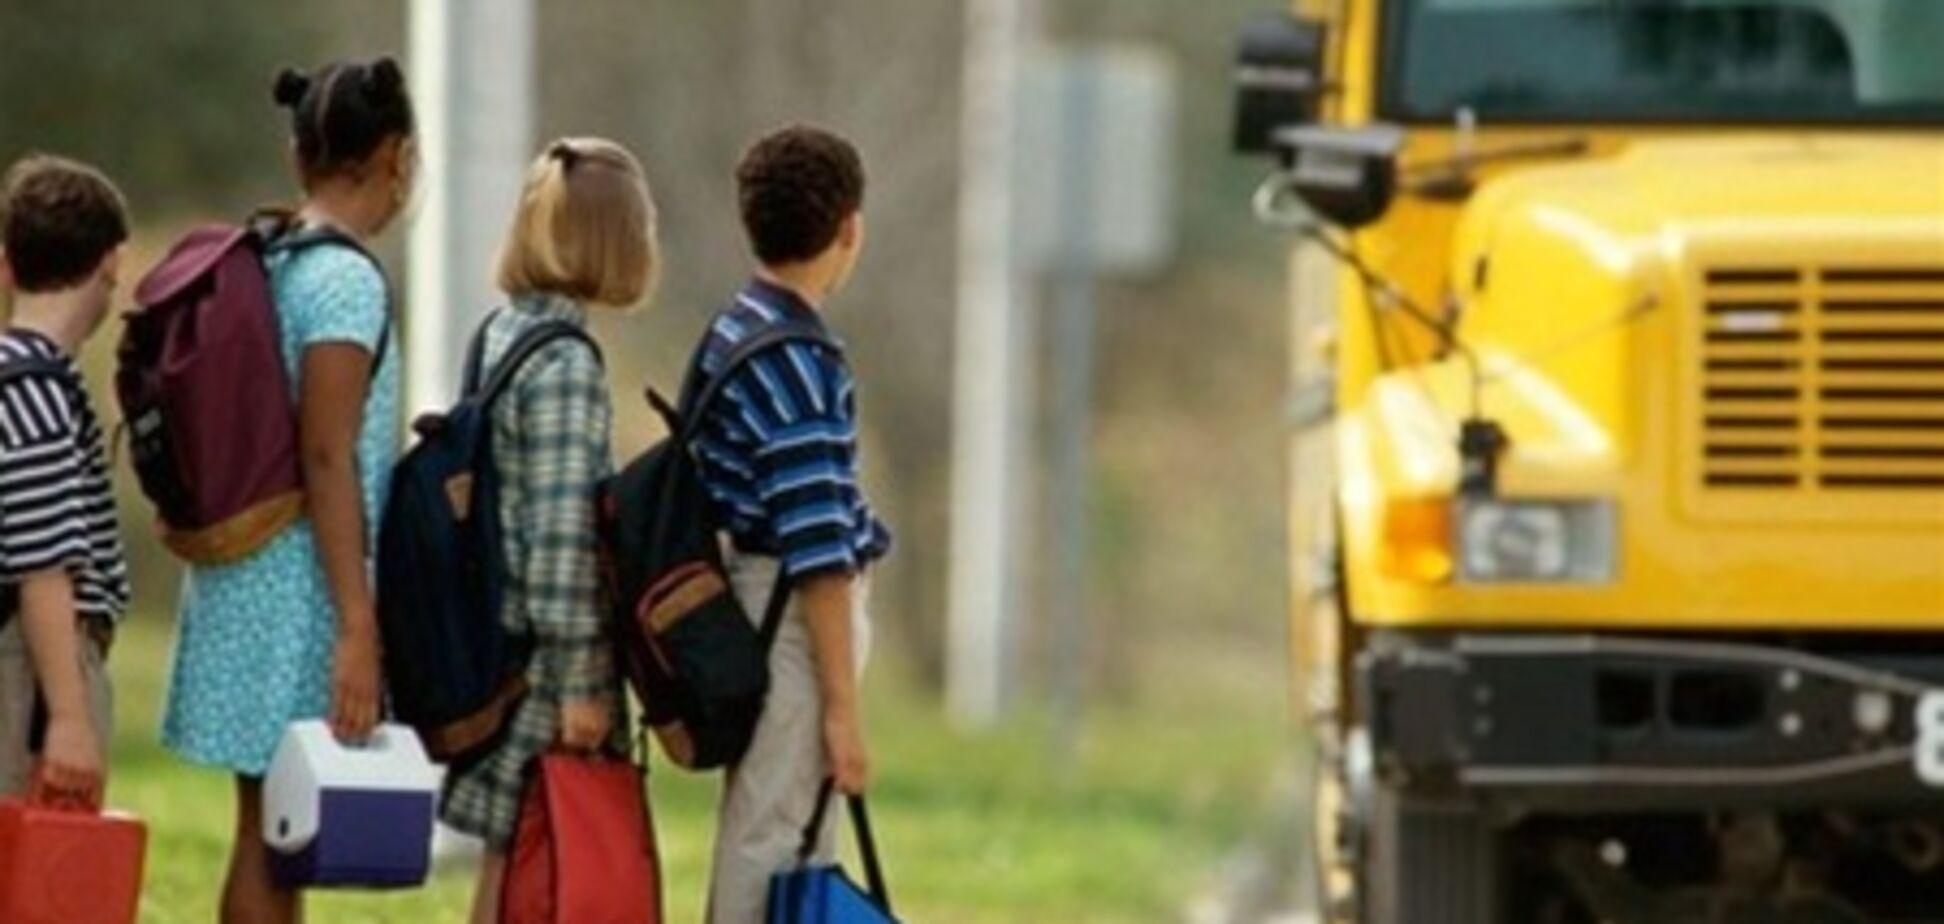 Десятирічний британець побив двох вчительок